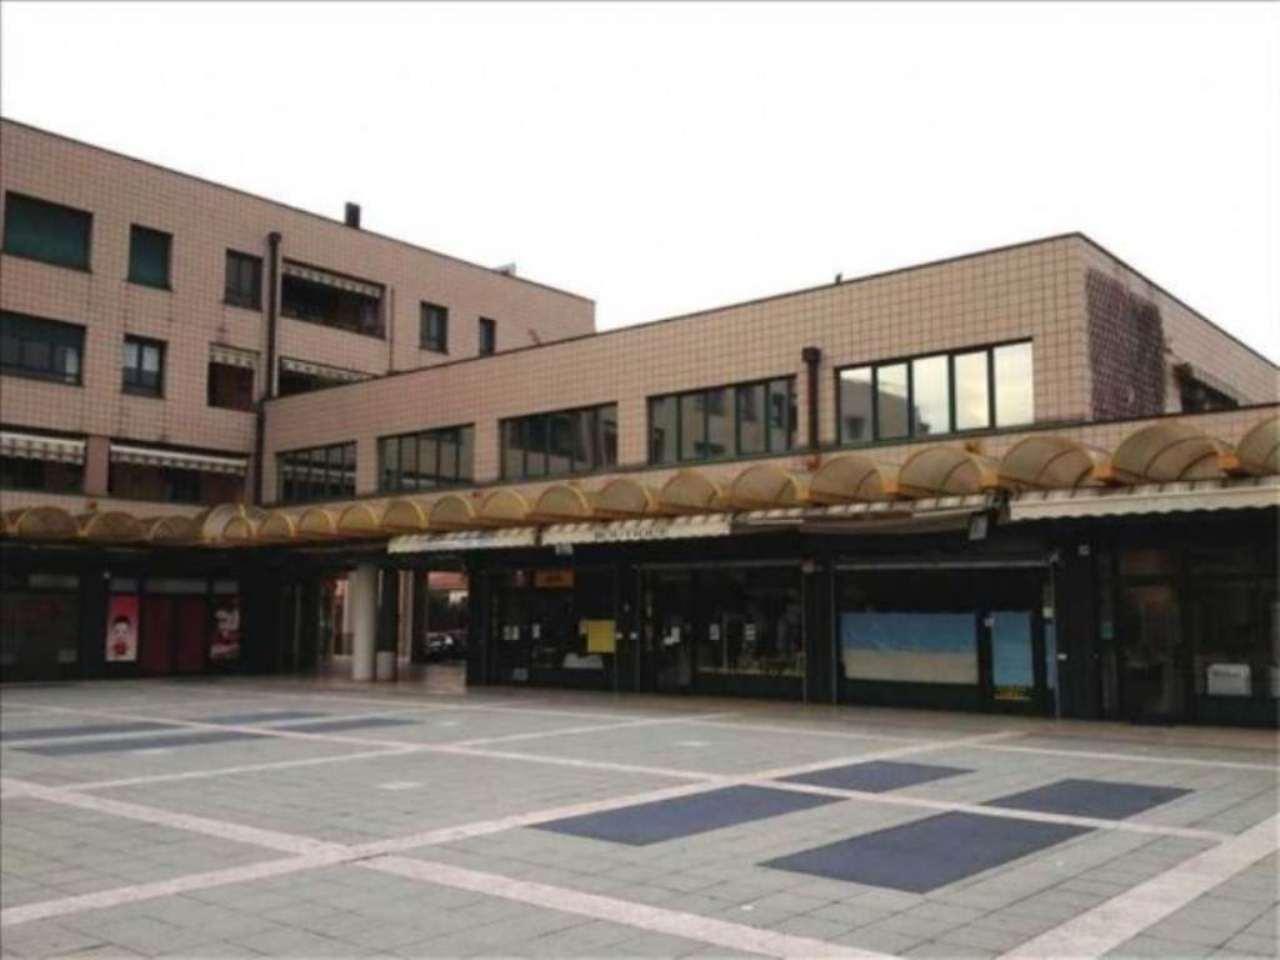 Negozio / Locale in affitto a Caronno Pertusella, 6 locali, prezzo € 2.900 | Cambio Casa.it